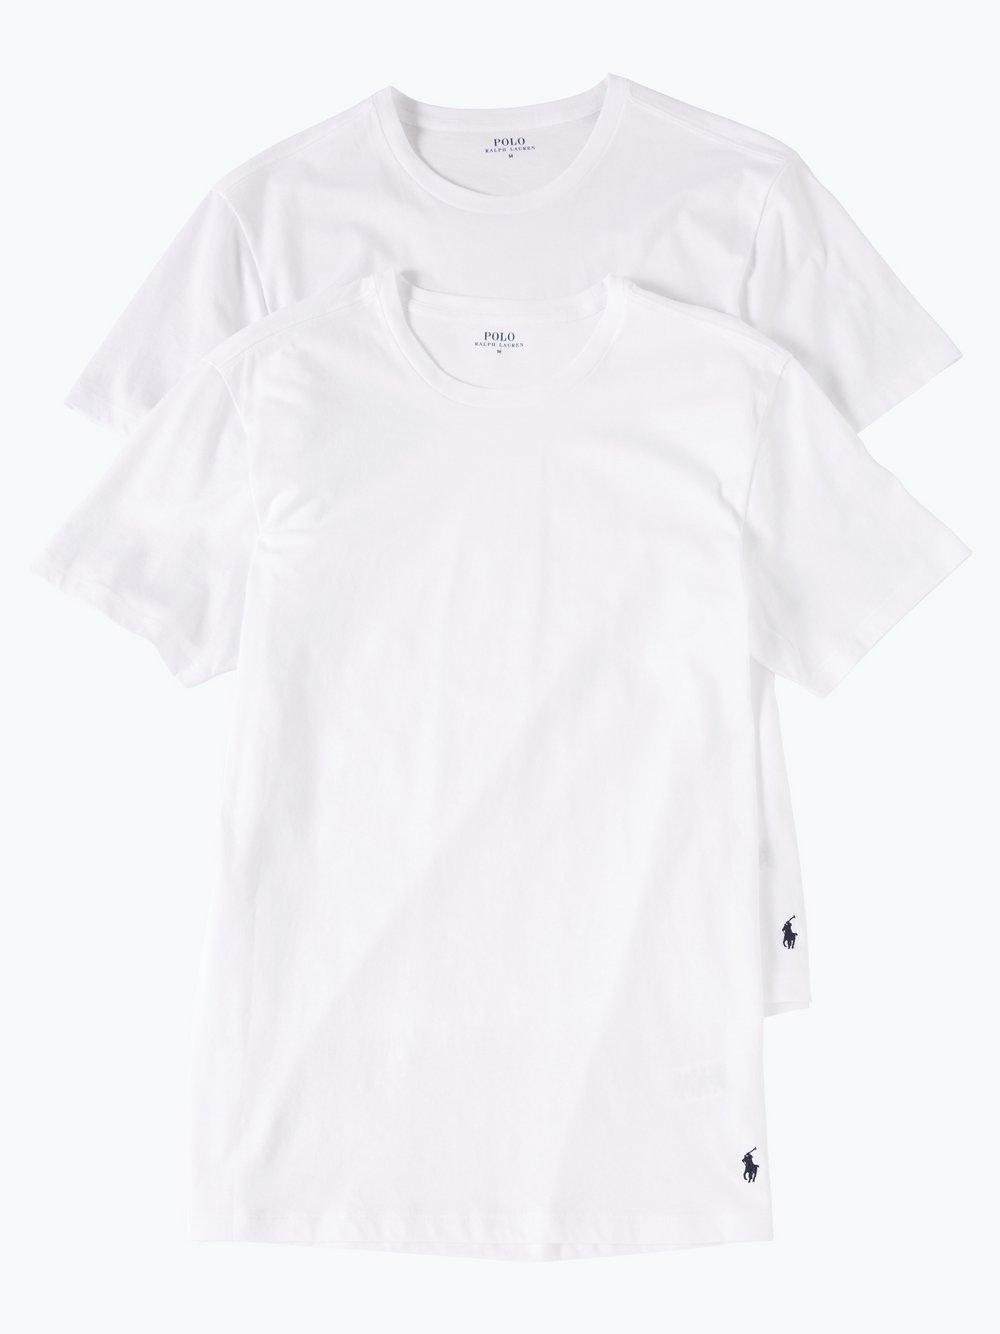 07e4be442a93 Polo Ralph Lauren Herren T-Shirt im 2er-Pack  2  online kaufen ...